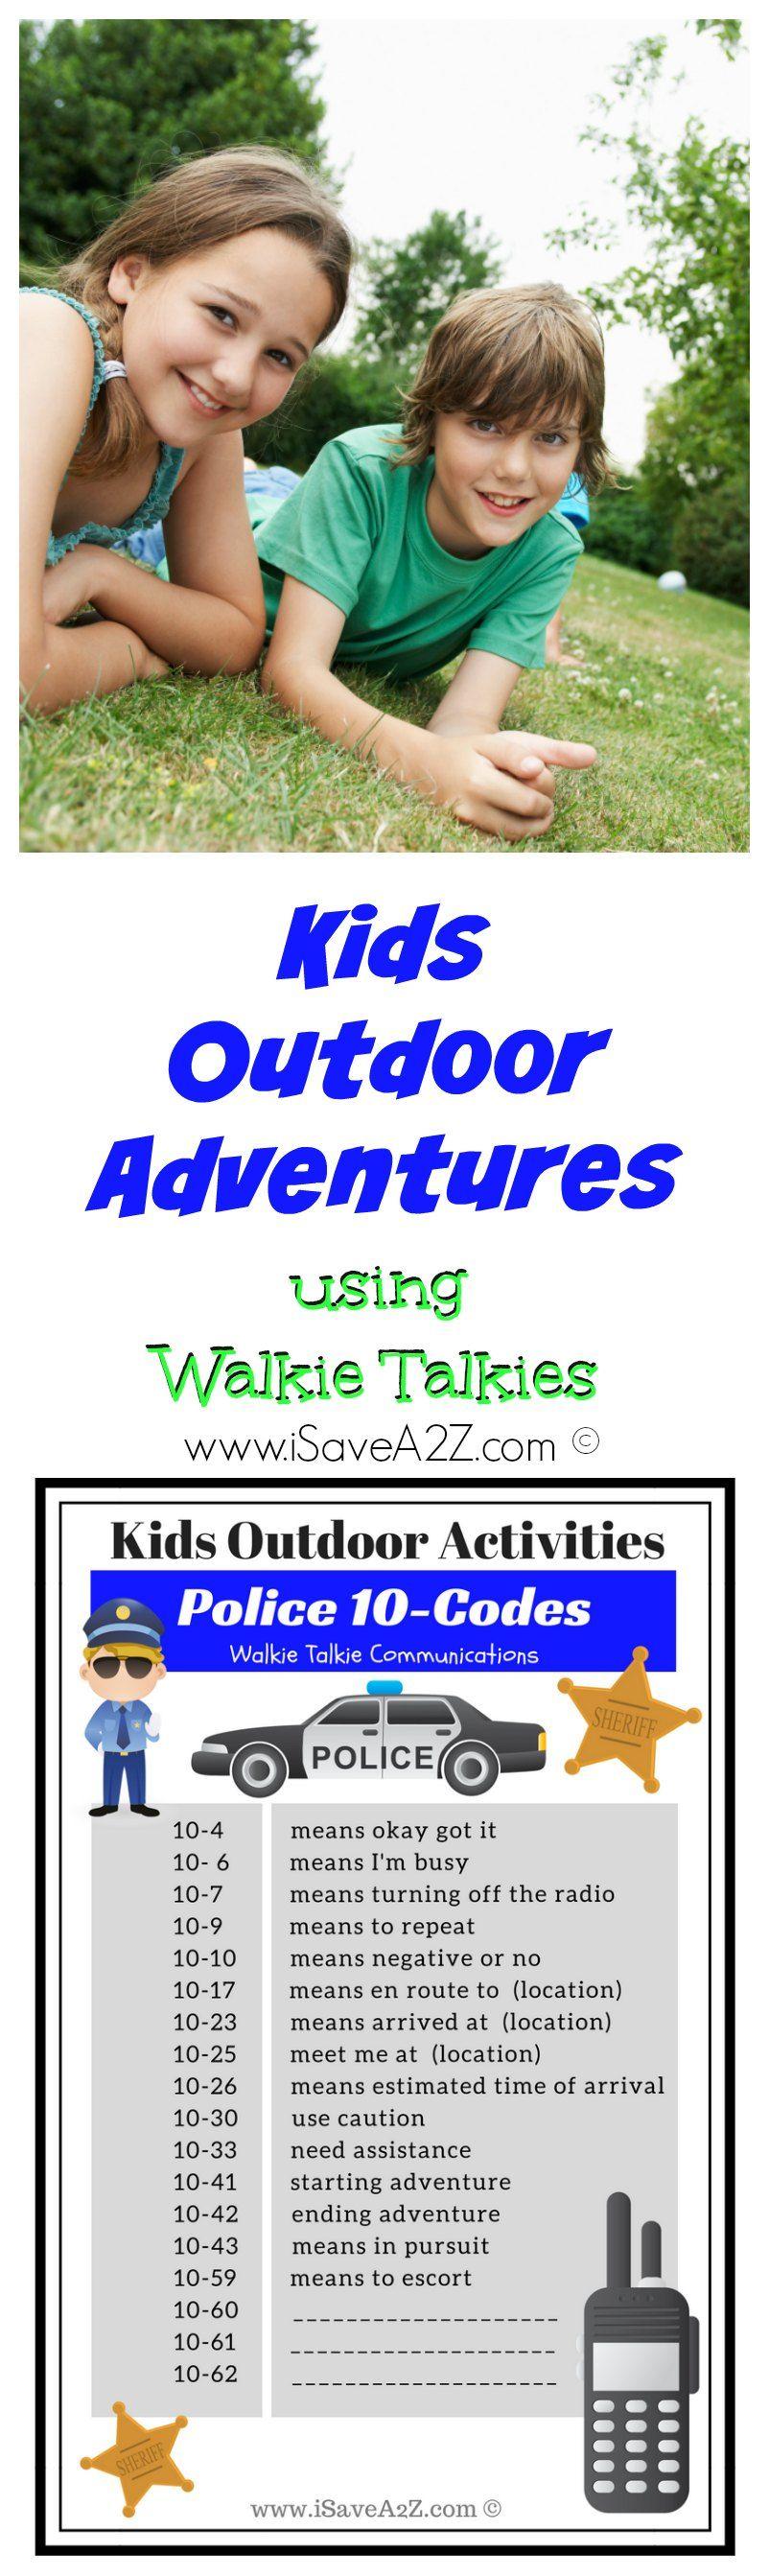 Kids Outdoor Adventure Activities using Walkie Talkies